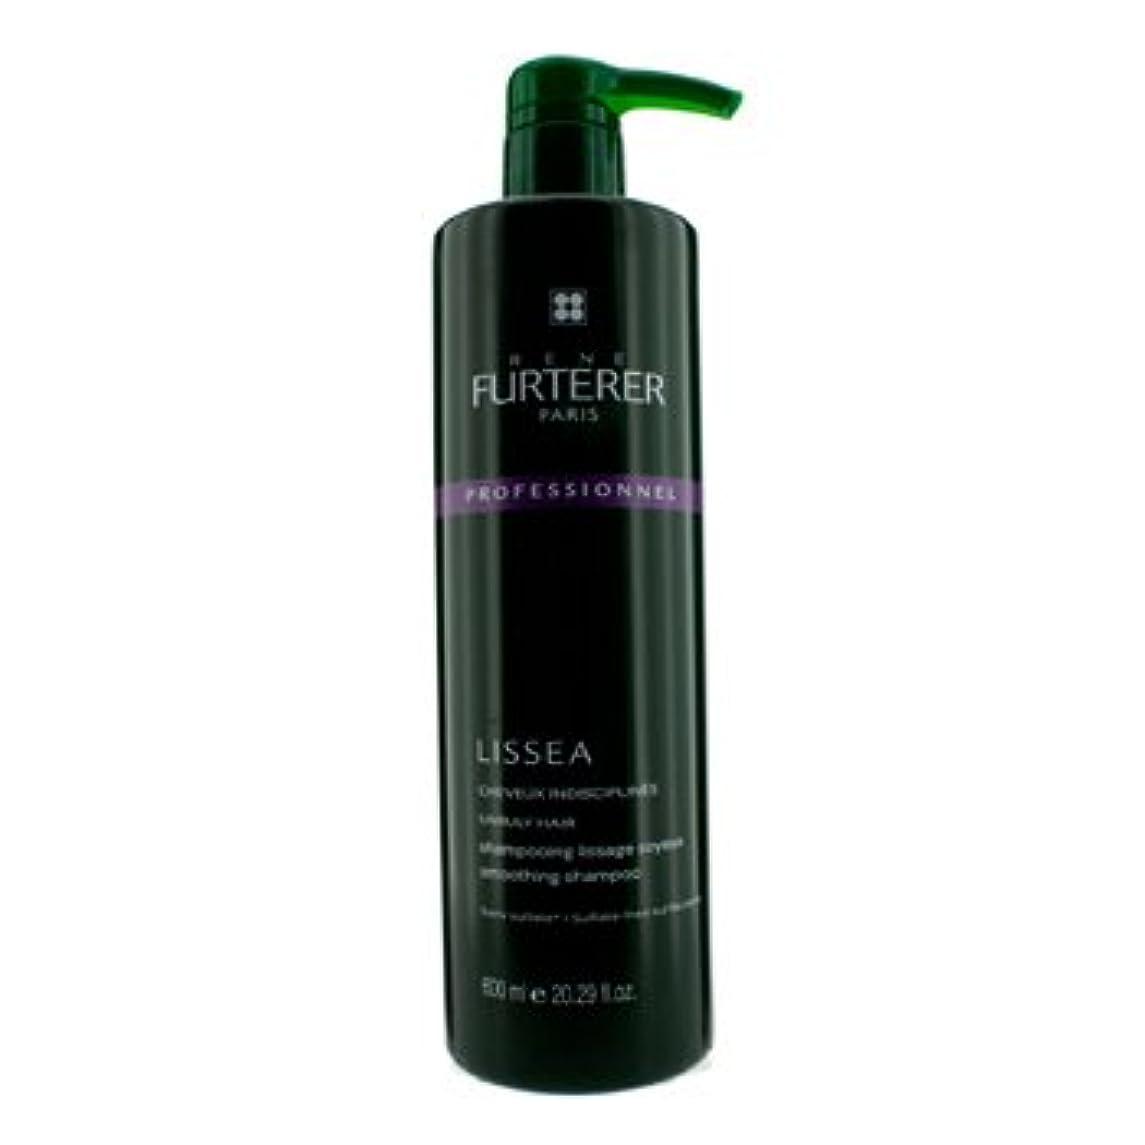 専門知識作動するみ[Rene Furterer] Lissea Smoothing Shampoo - For Unruly Hair (Salon Product) 600ml/20.29oz